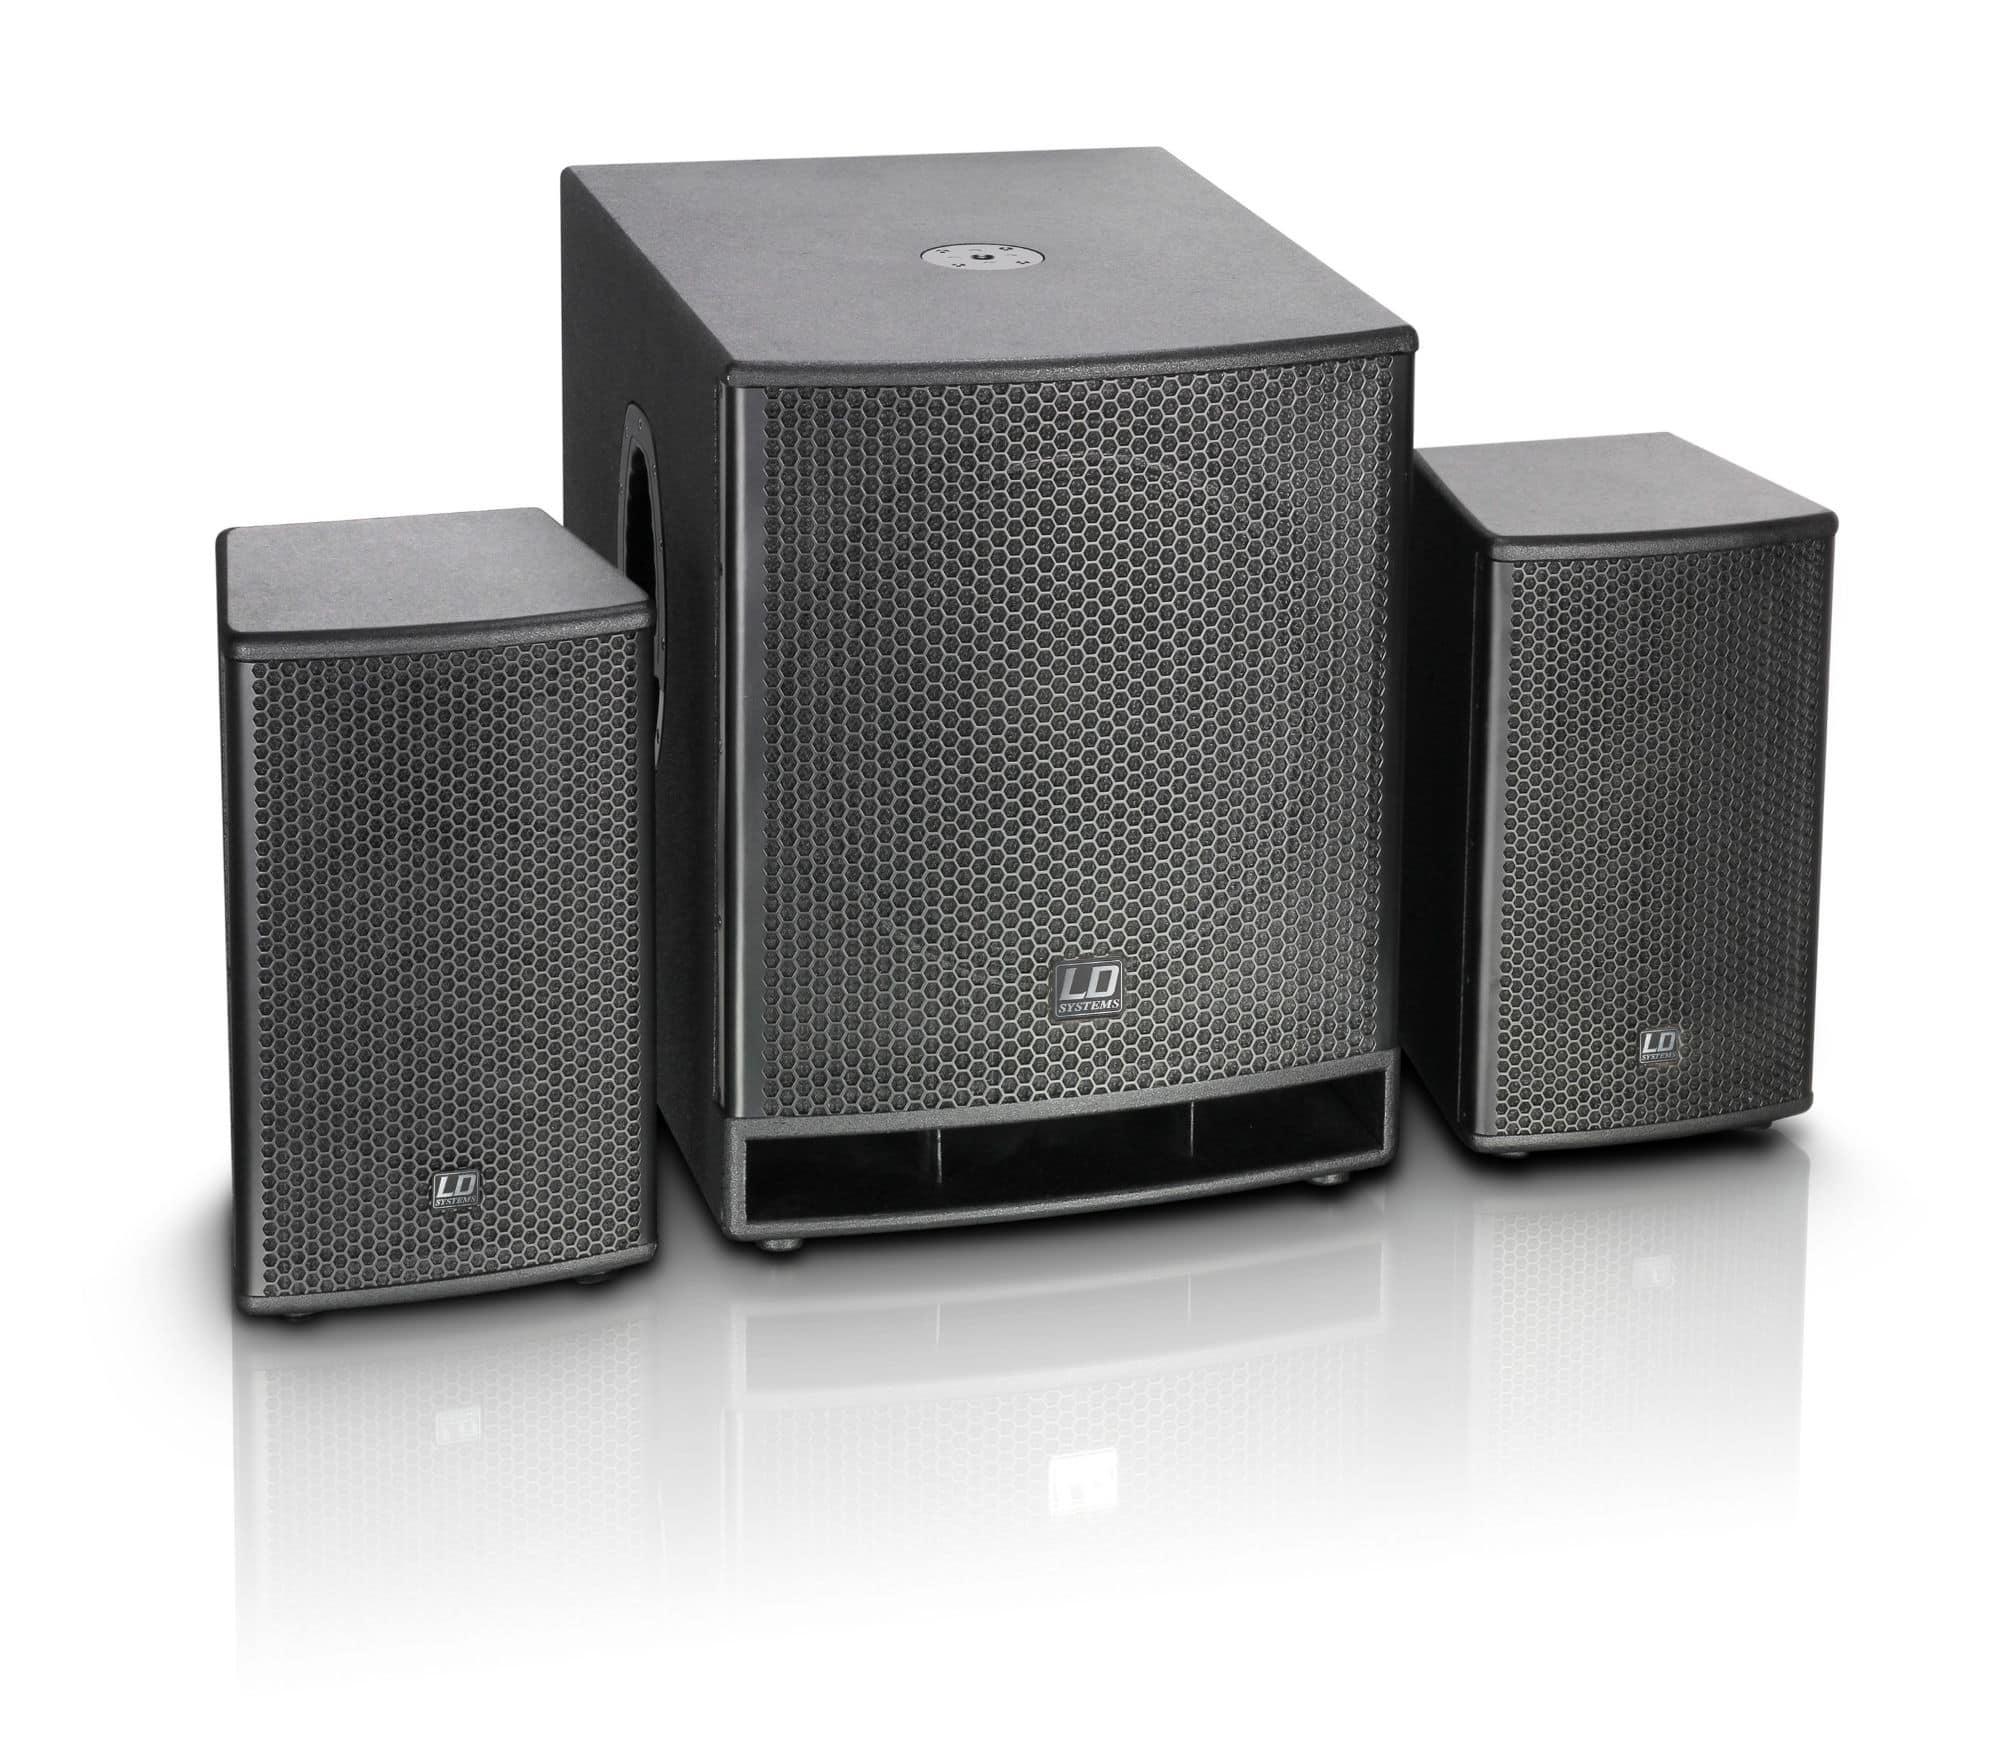 Boxenkomplettanlagen - LD Systems Dave 18 G3 - Onlineshop Musikhaus Kirstein